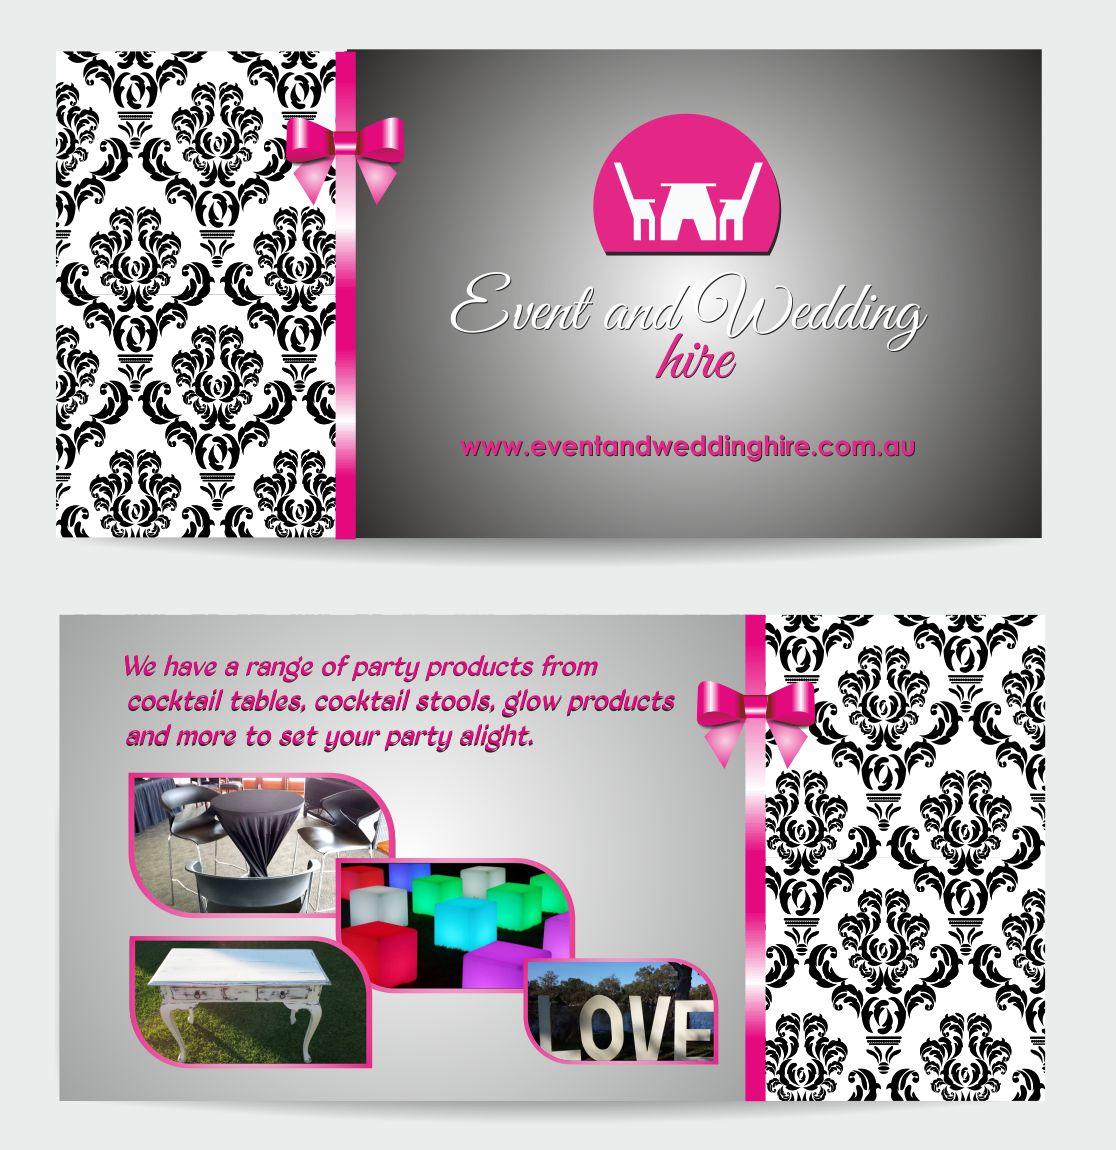 upmarket elegant wedding flyer design for event and wedding hire